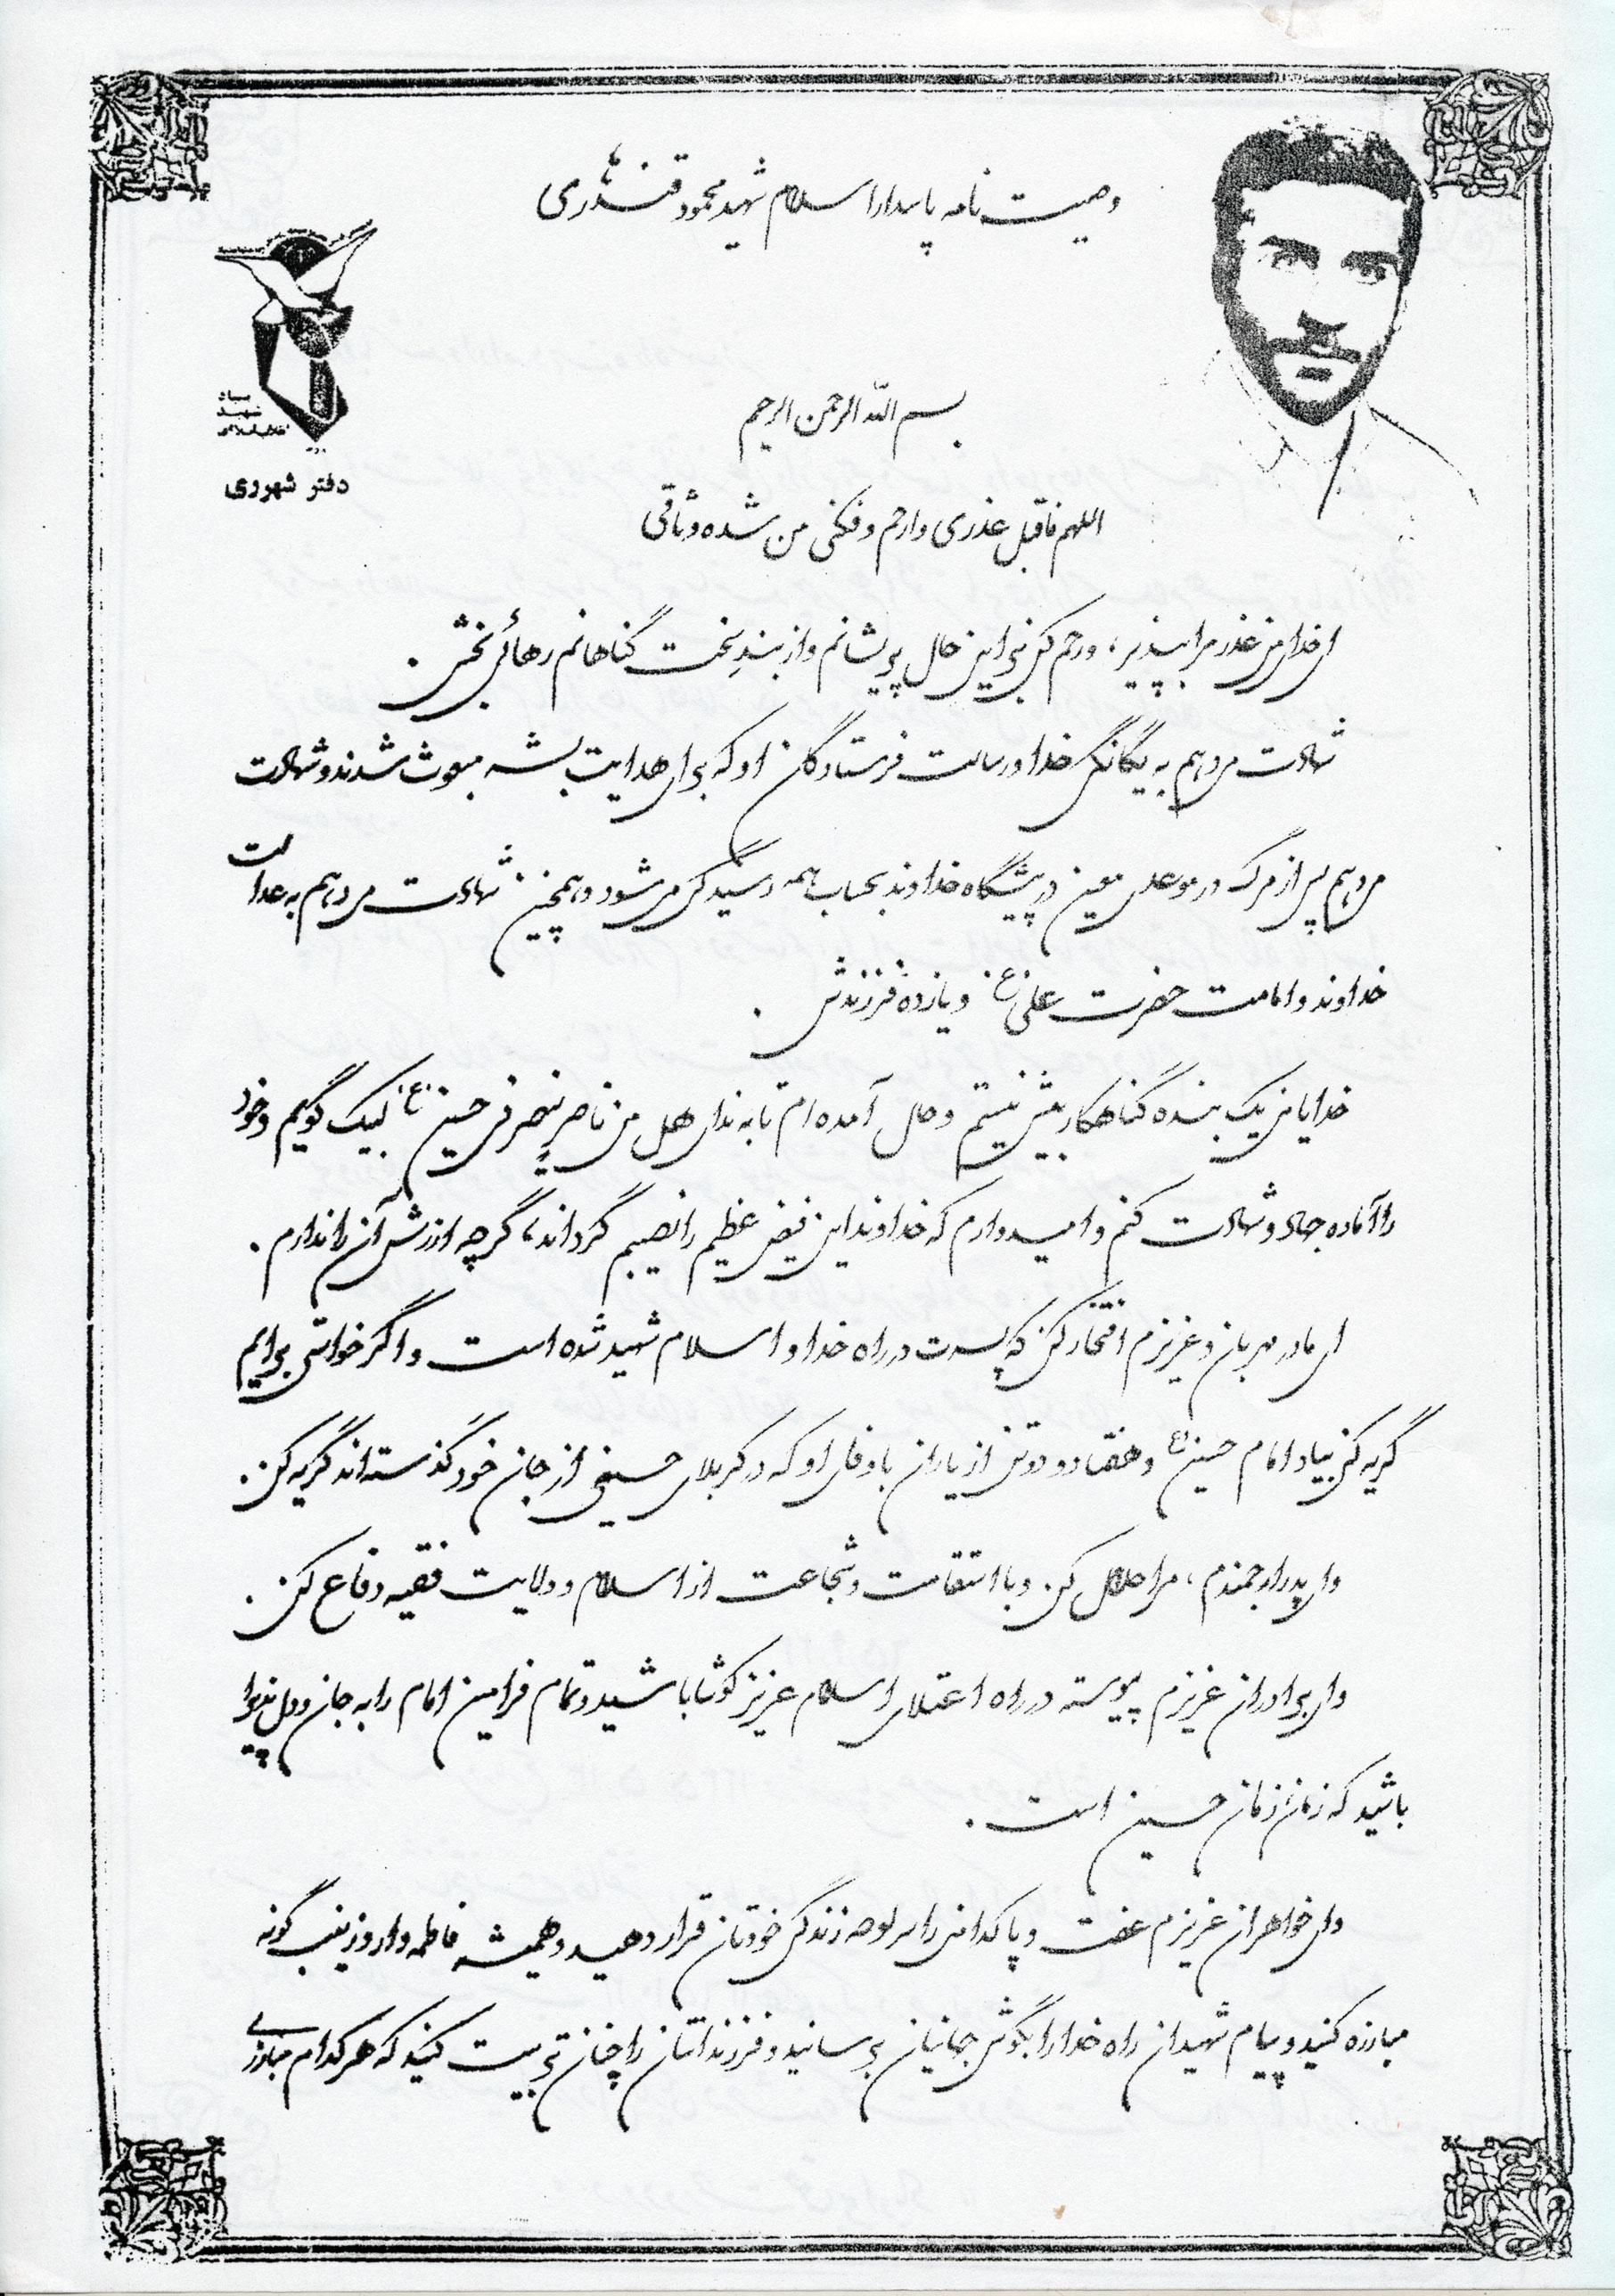 وصیتنامه پاسدار شهید محمود قندهاری/ عفت و پاکدامنی را سرلوحه زندگی خودتان قرار دهید